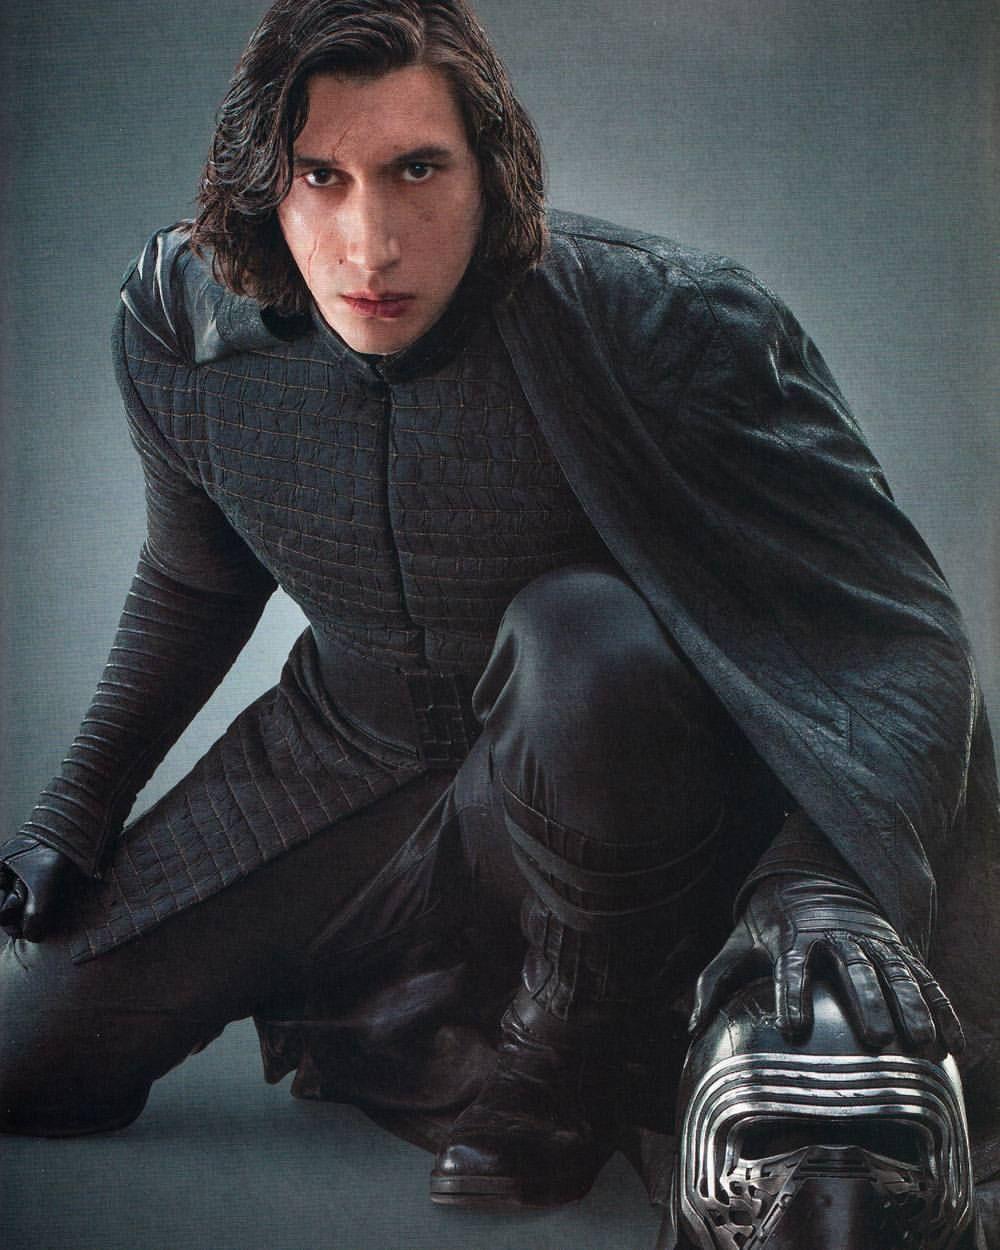 The Last Jedi Adamdriver Kyloren Starwars Bensolo Thelastjedi Darkside Disney Picture Star Wars Villains Star Wars Movie Star Wars Fandom